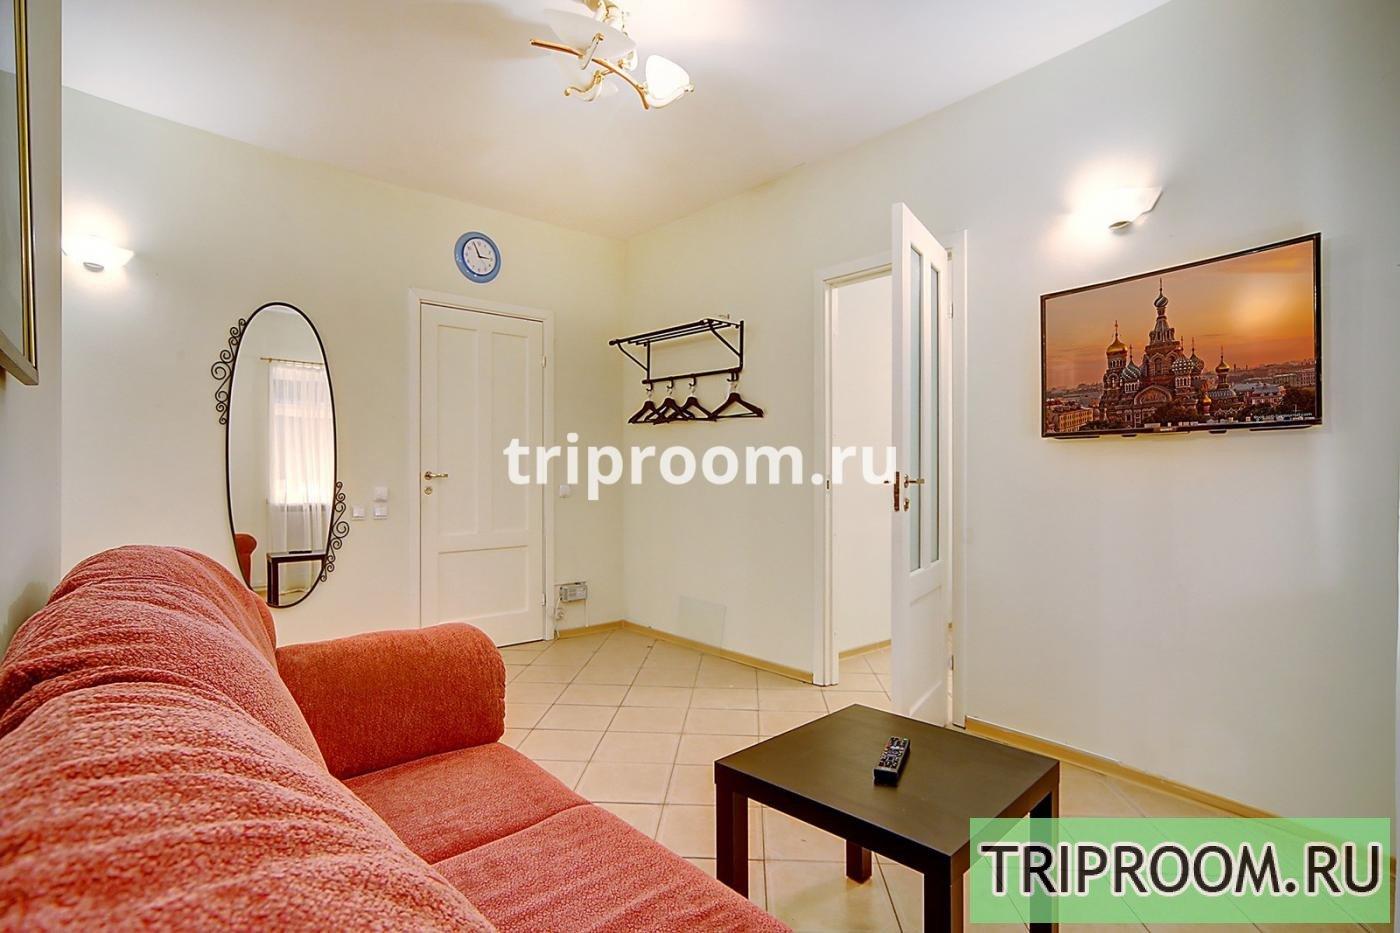 3-комнатная квартира посуточно (вариант № 14749), ул. Большая Конюшенная улица, фото № 1